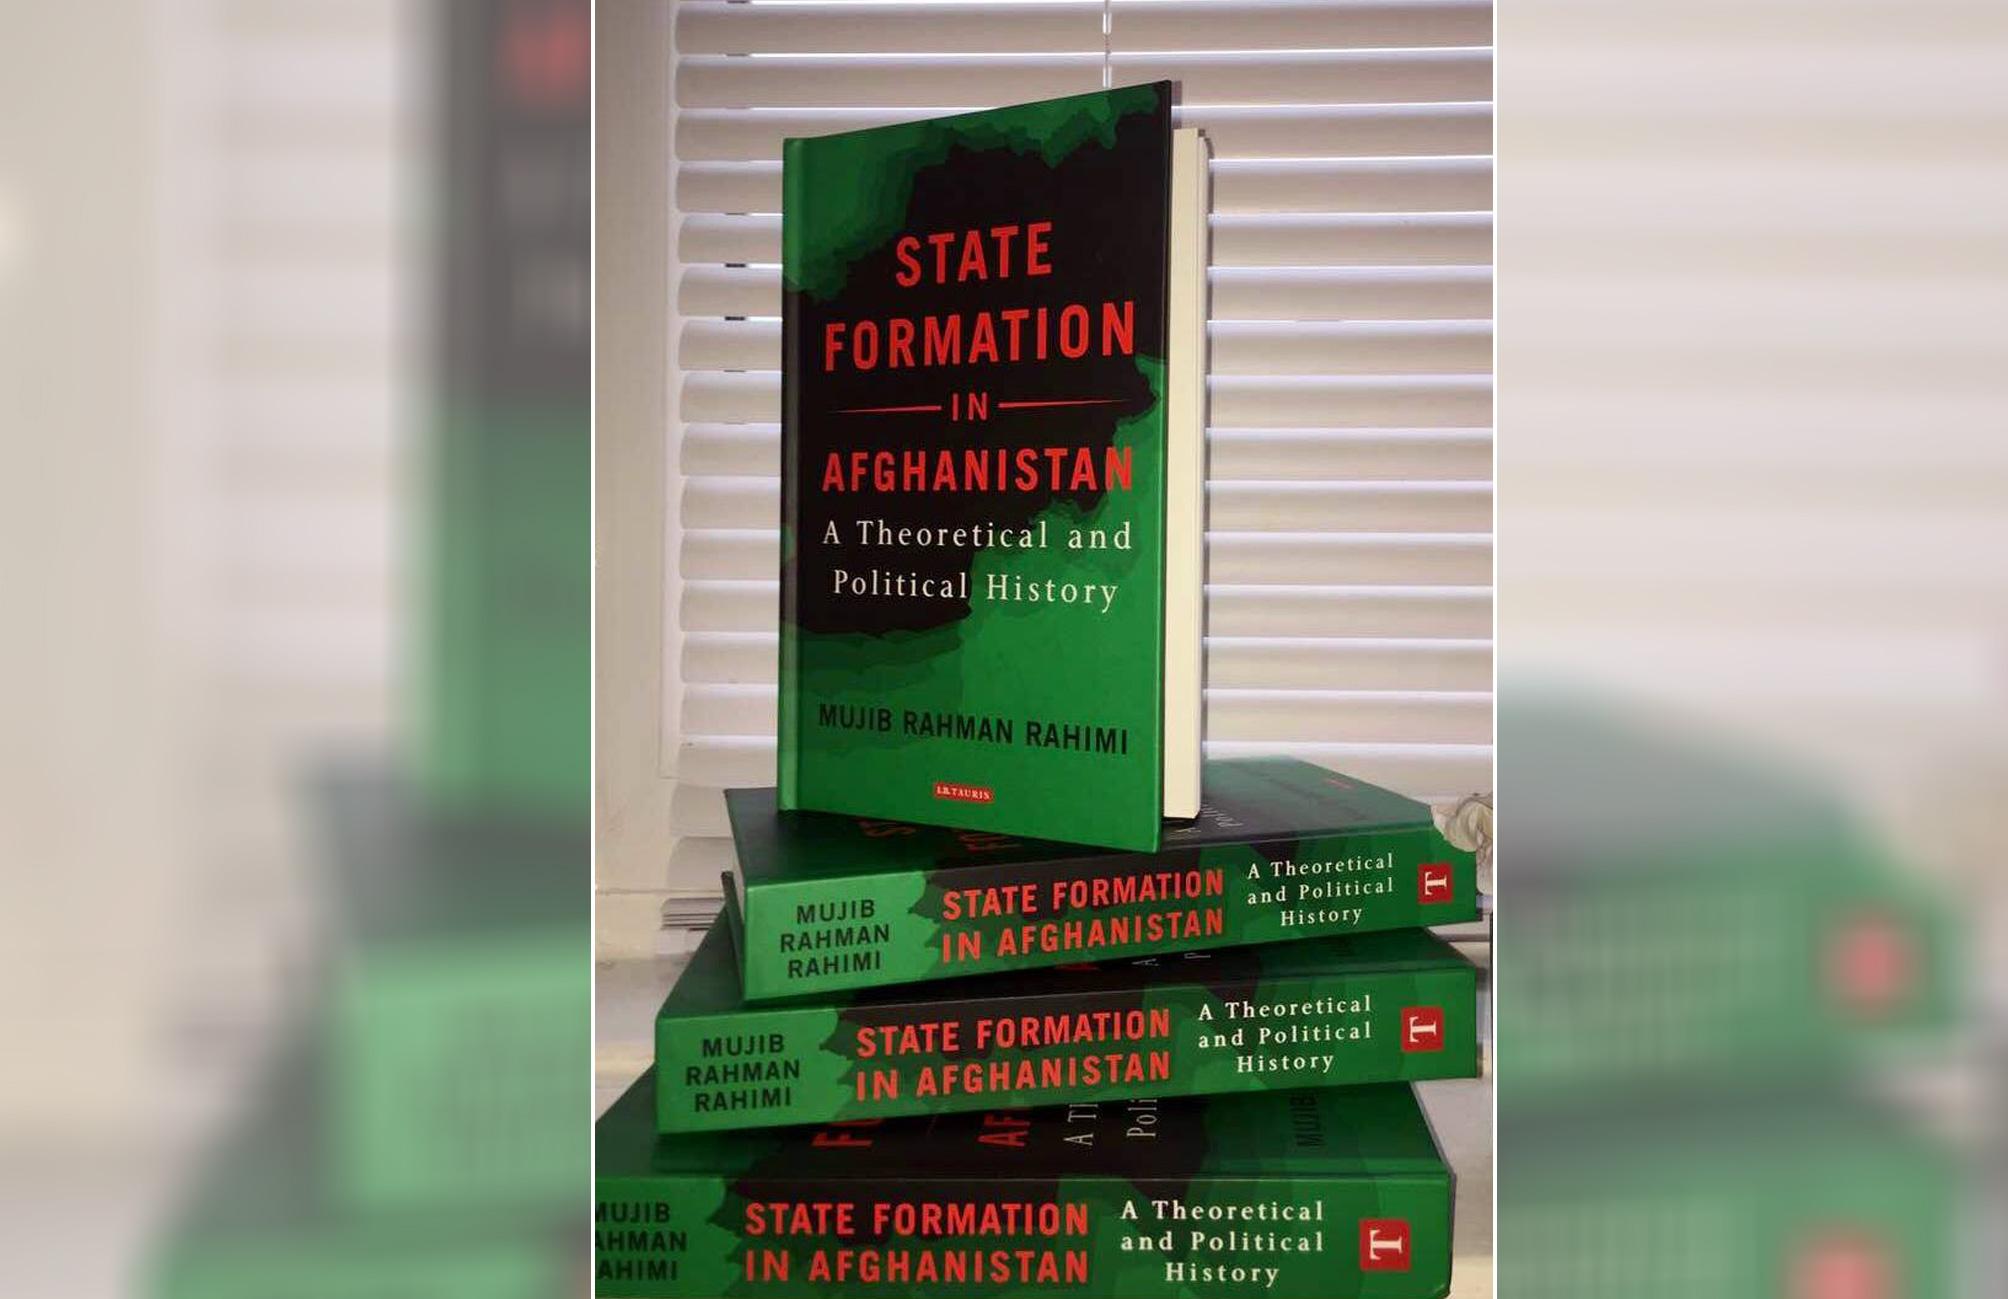 شکلگیری دولت در افغانستان: شالودهشکنی روایت رسمی تاریخ افغانستان